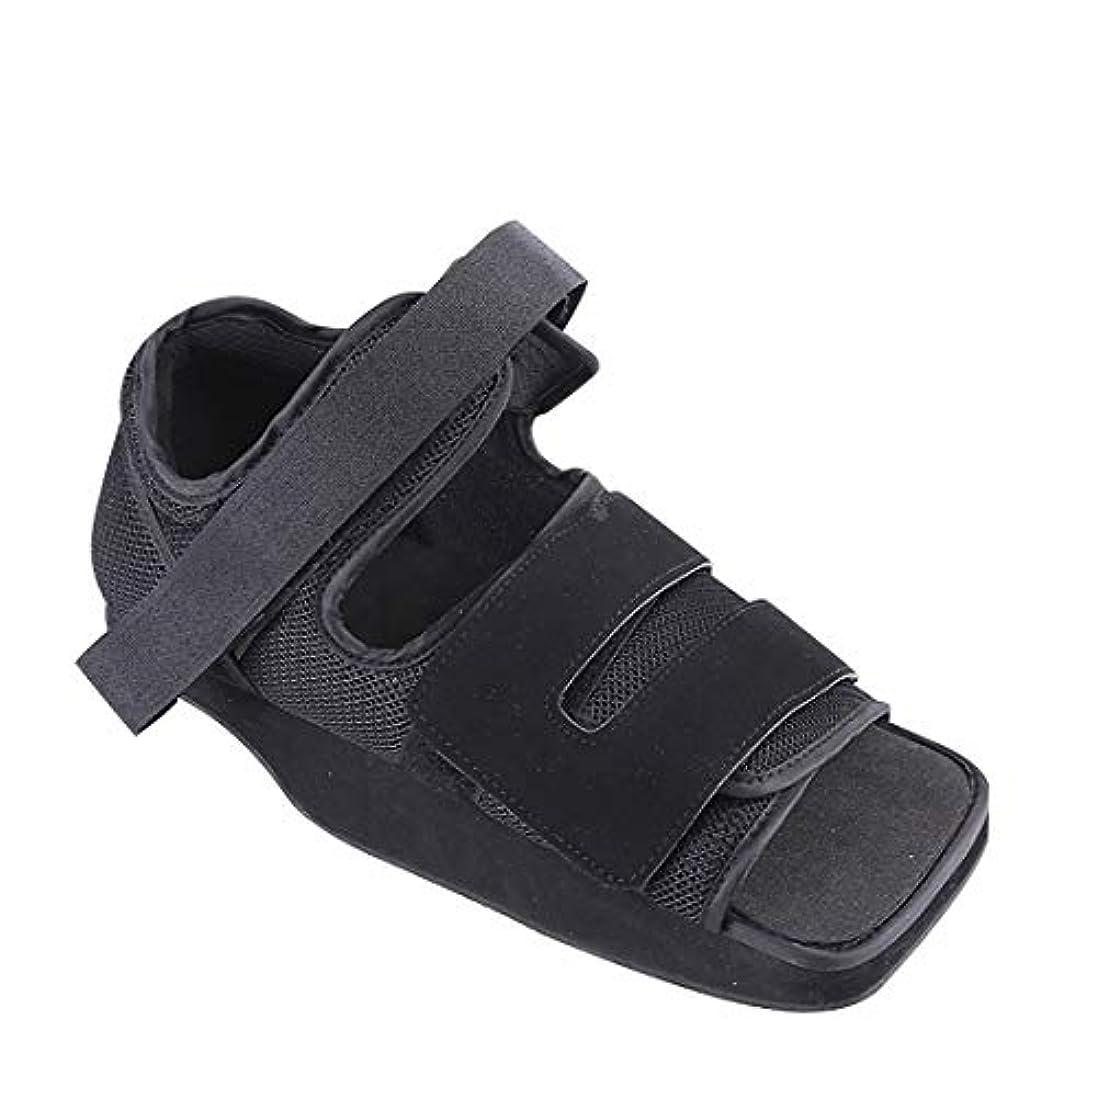 切り刻む田舎者クルー医療足骨折石膏の回復靴の手術後のつま先の靴を安定化骨折の靴を調整可能なファスナーで完全なカバー,L28cm